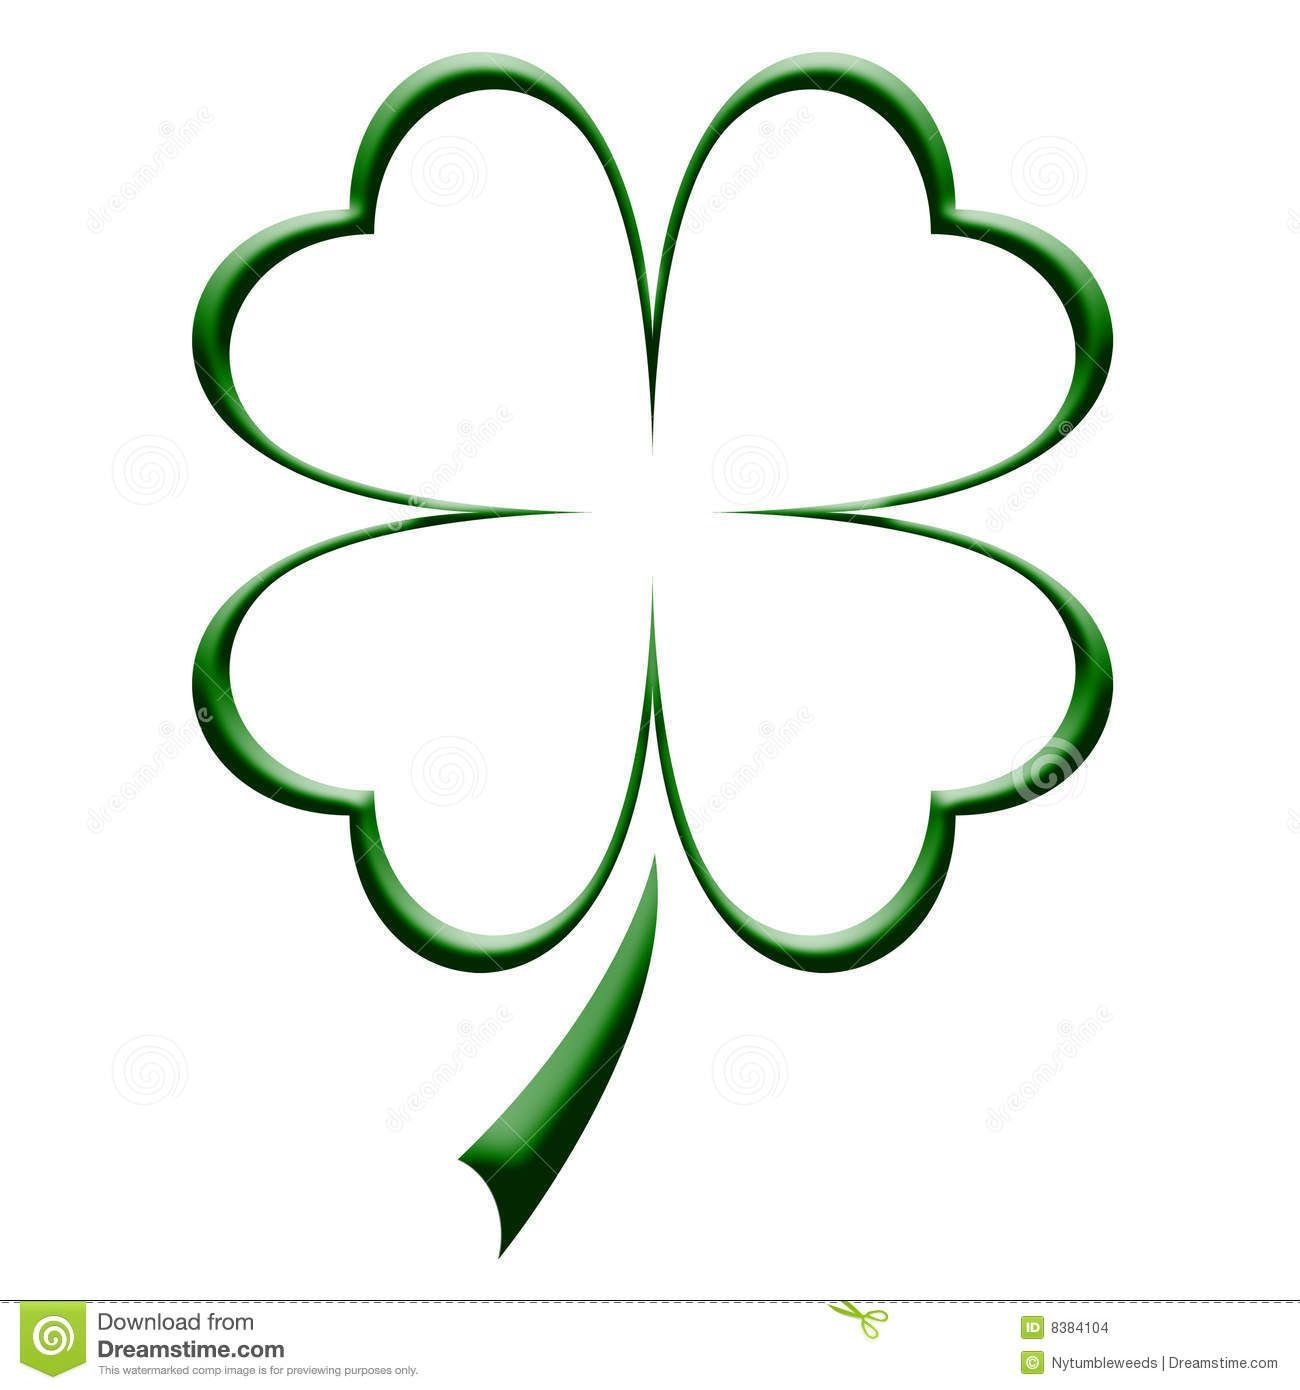 Stock Illustration Of Four Leaf Clover Outline Outline Illustration 8384104 Tatuajes Trebol 4 Hojas Trebol De Cuatro Hojas Tatuajes Trebol De Cuatro Hojas